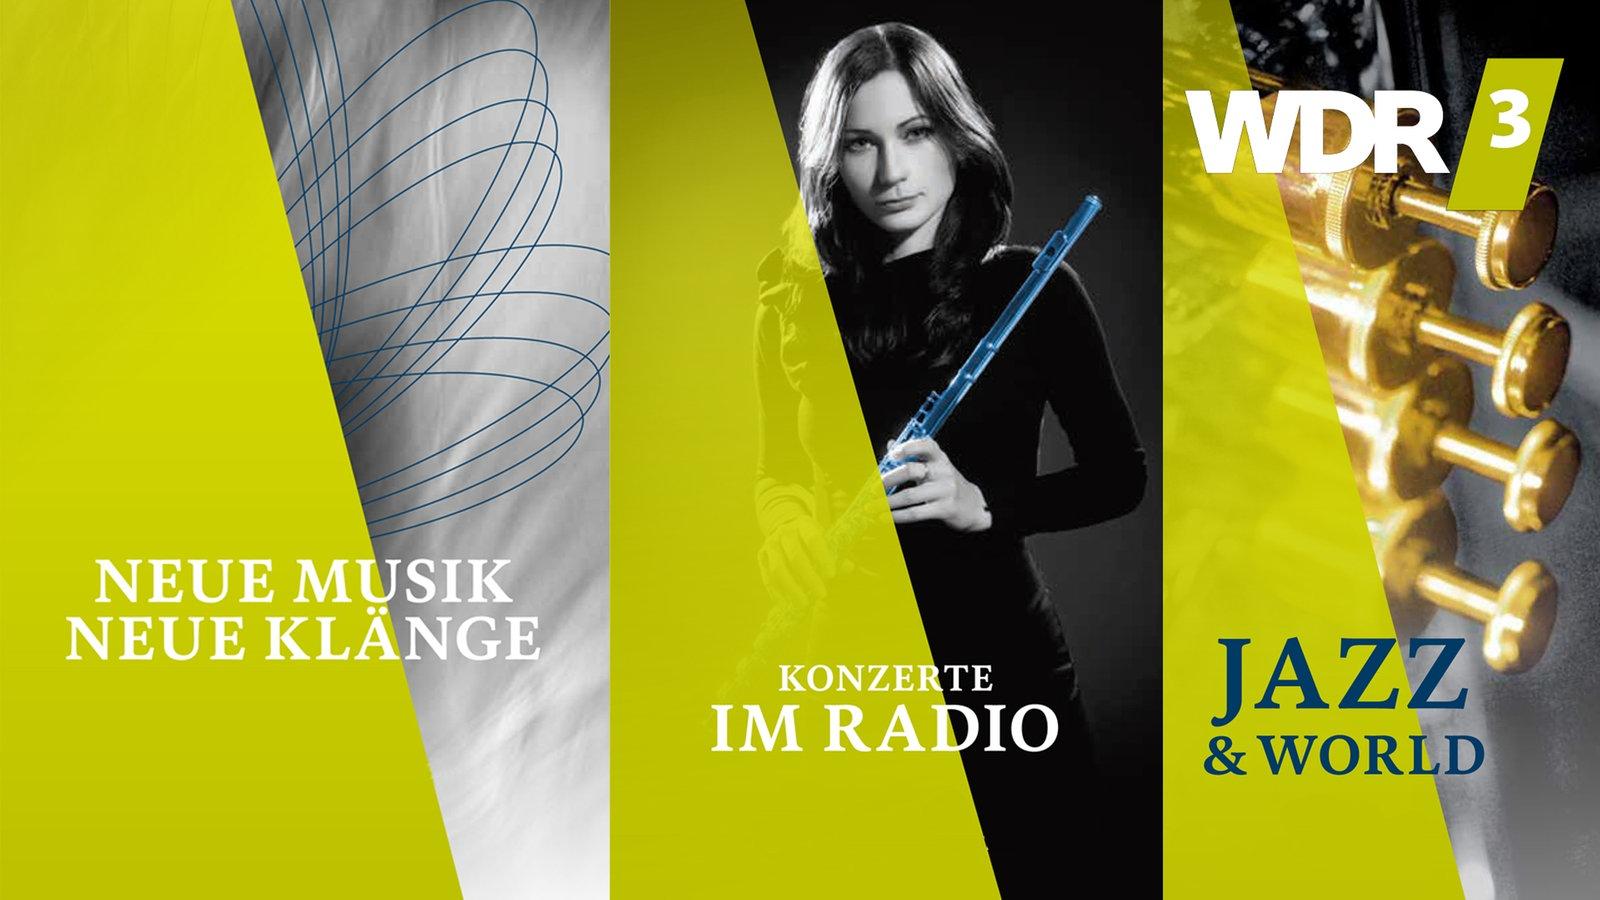 Wdr3 Radio